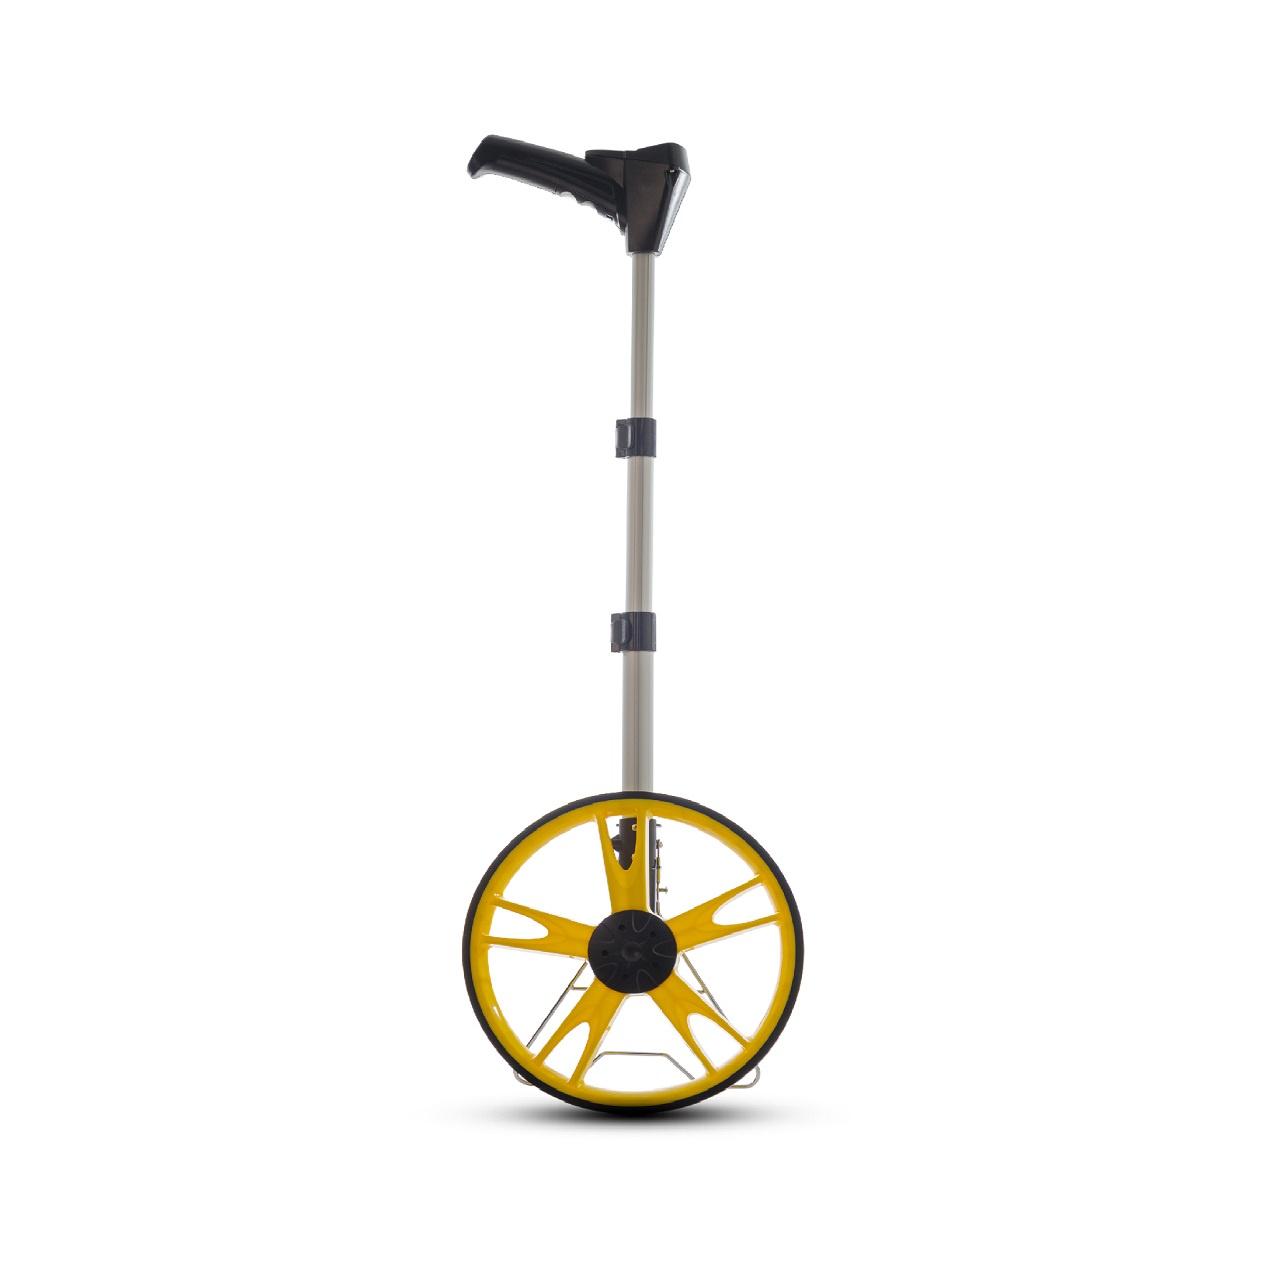 Колесо измерительное электронное ADA Wheel 1000 Digital измерительное колесо bosch gwm 40 professional